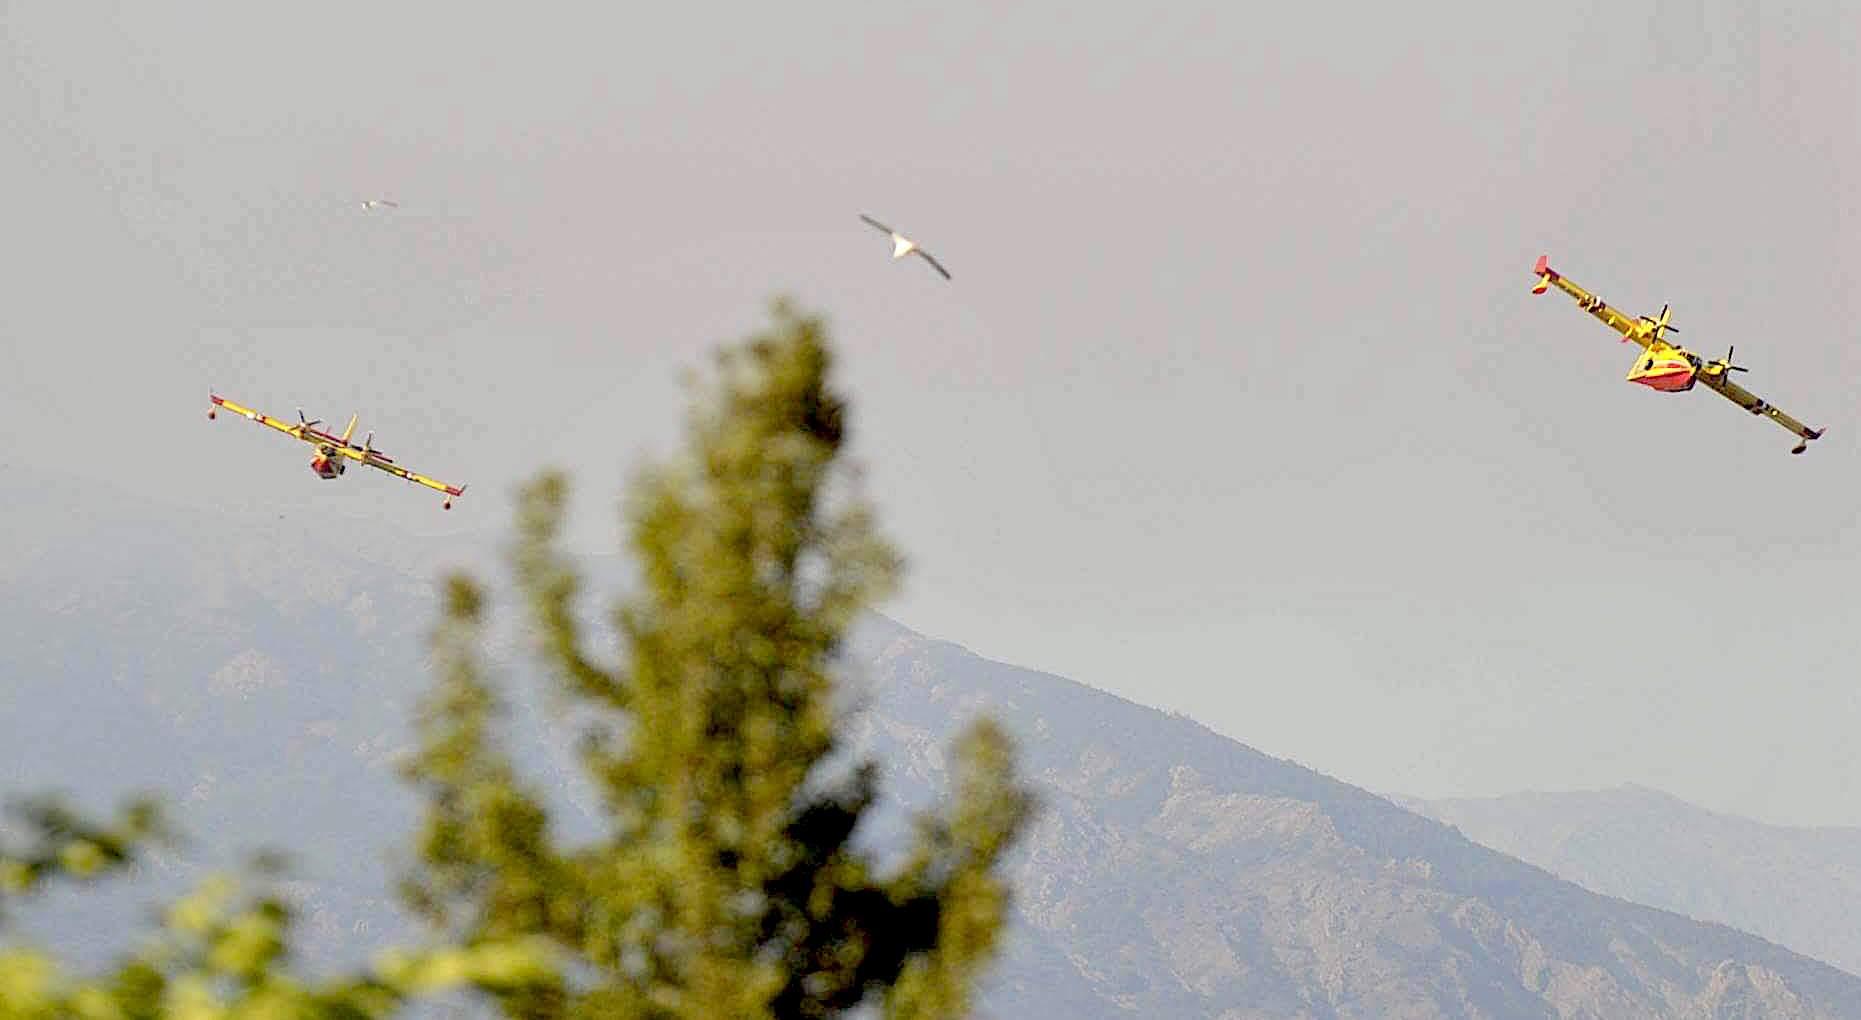 L'image du jour : Le goéland comme les Canadair